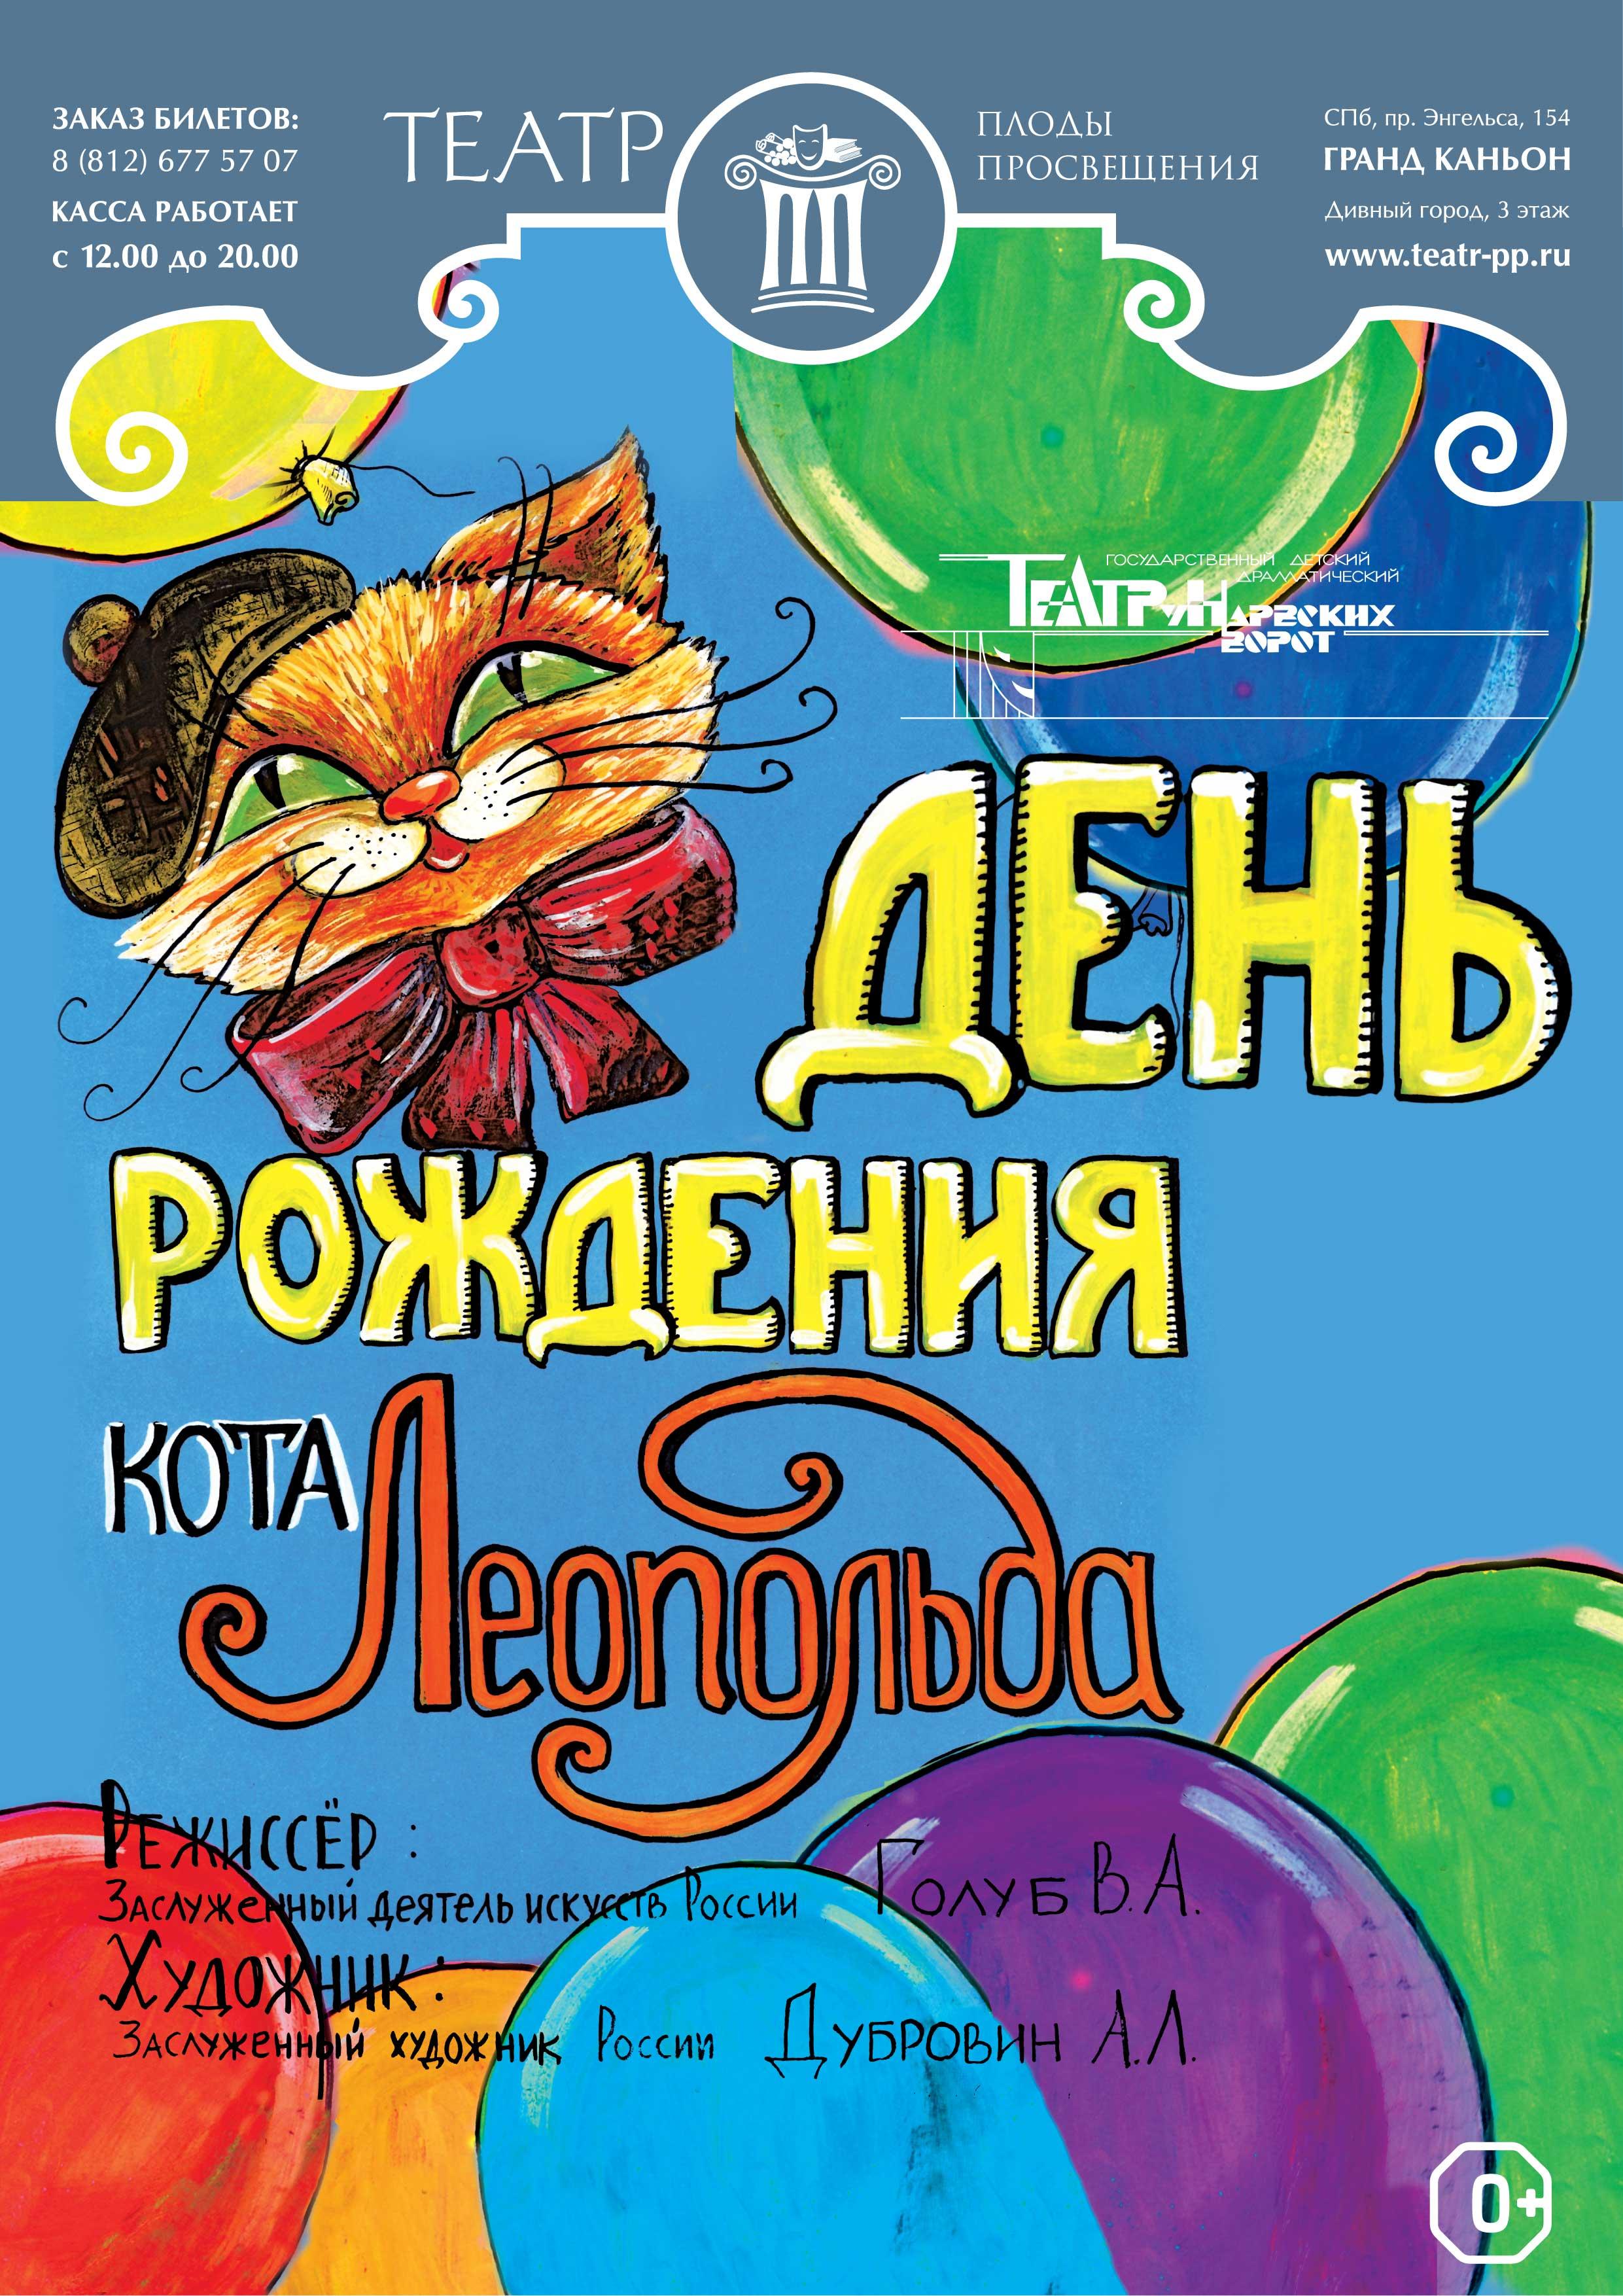 Театр плоды просвещения билеты билеты на концерт смолянинова